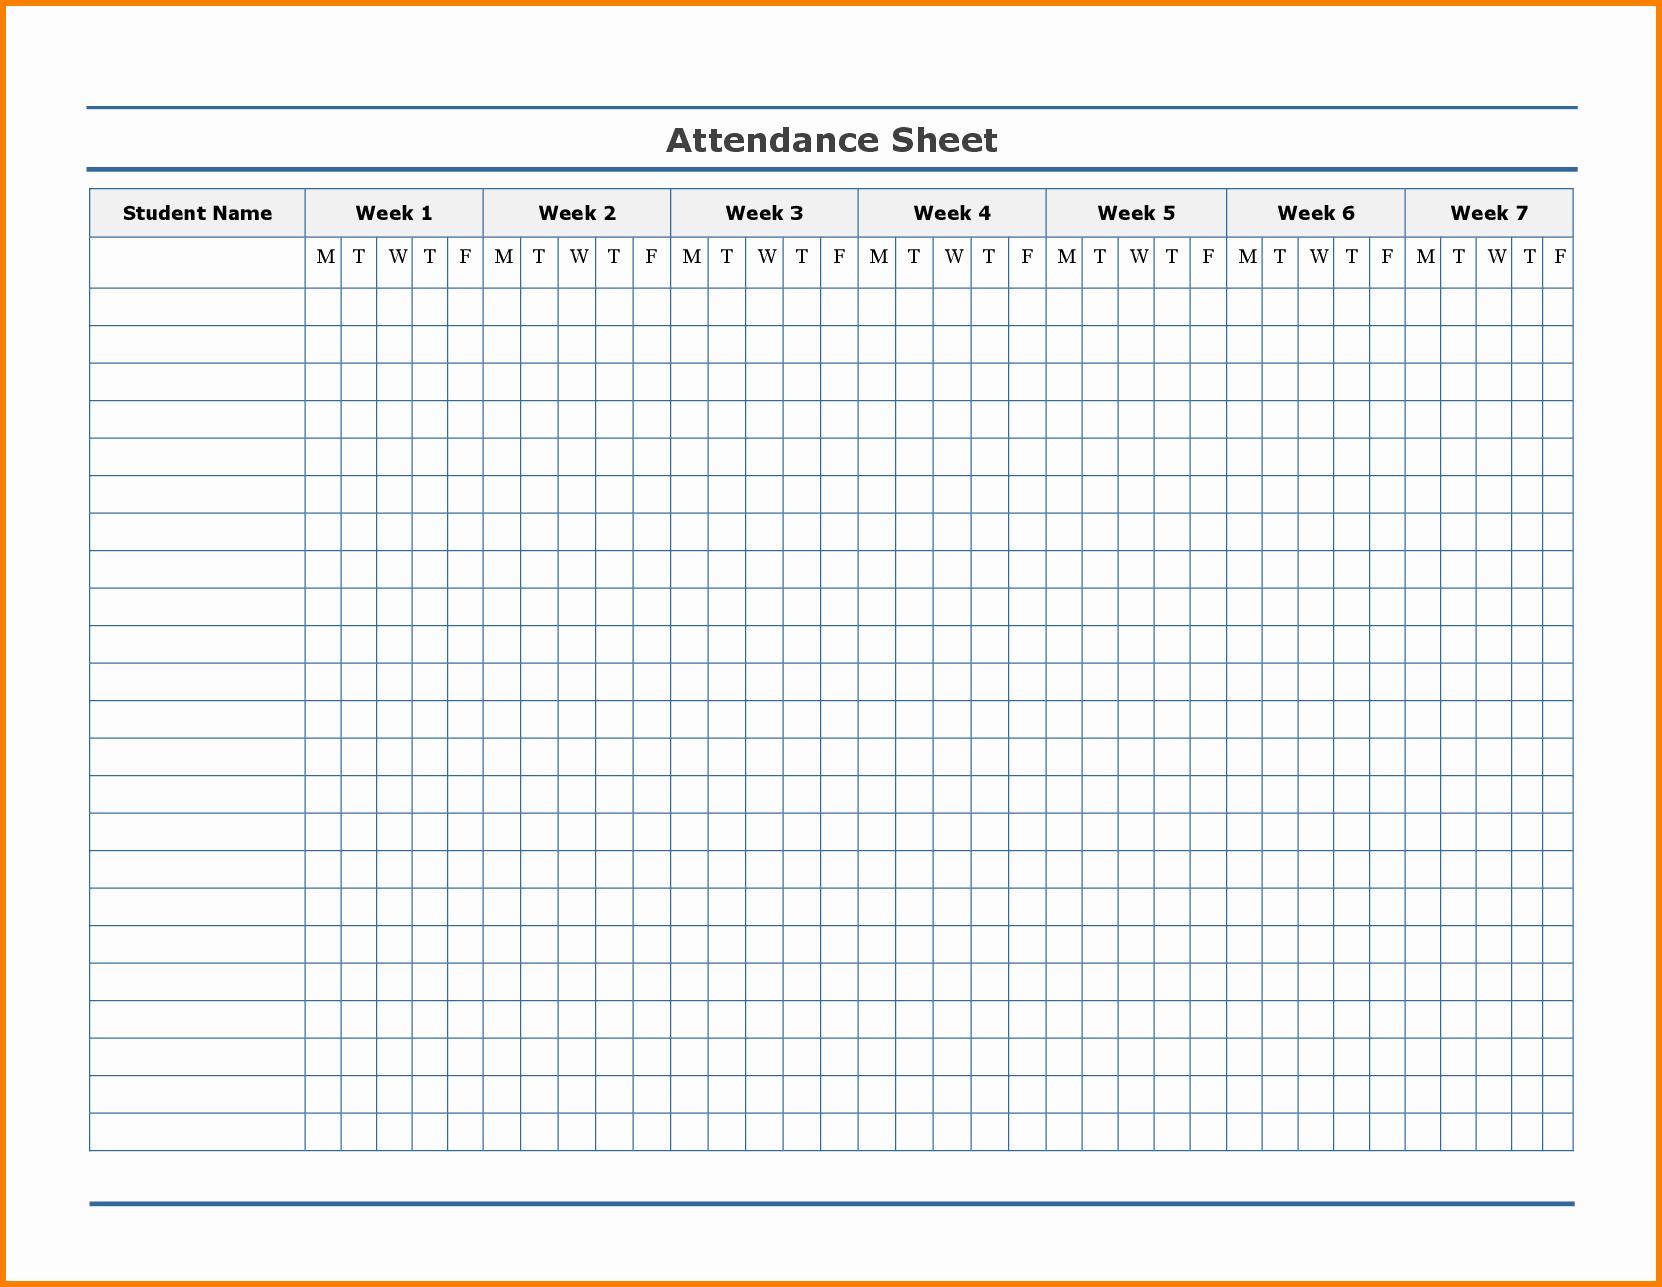 Employee attendance Record Template New Free Employee attendance Calendar